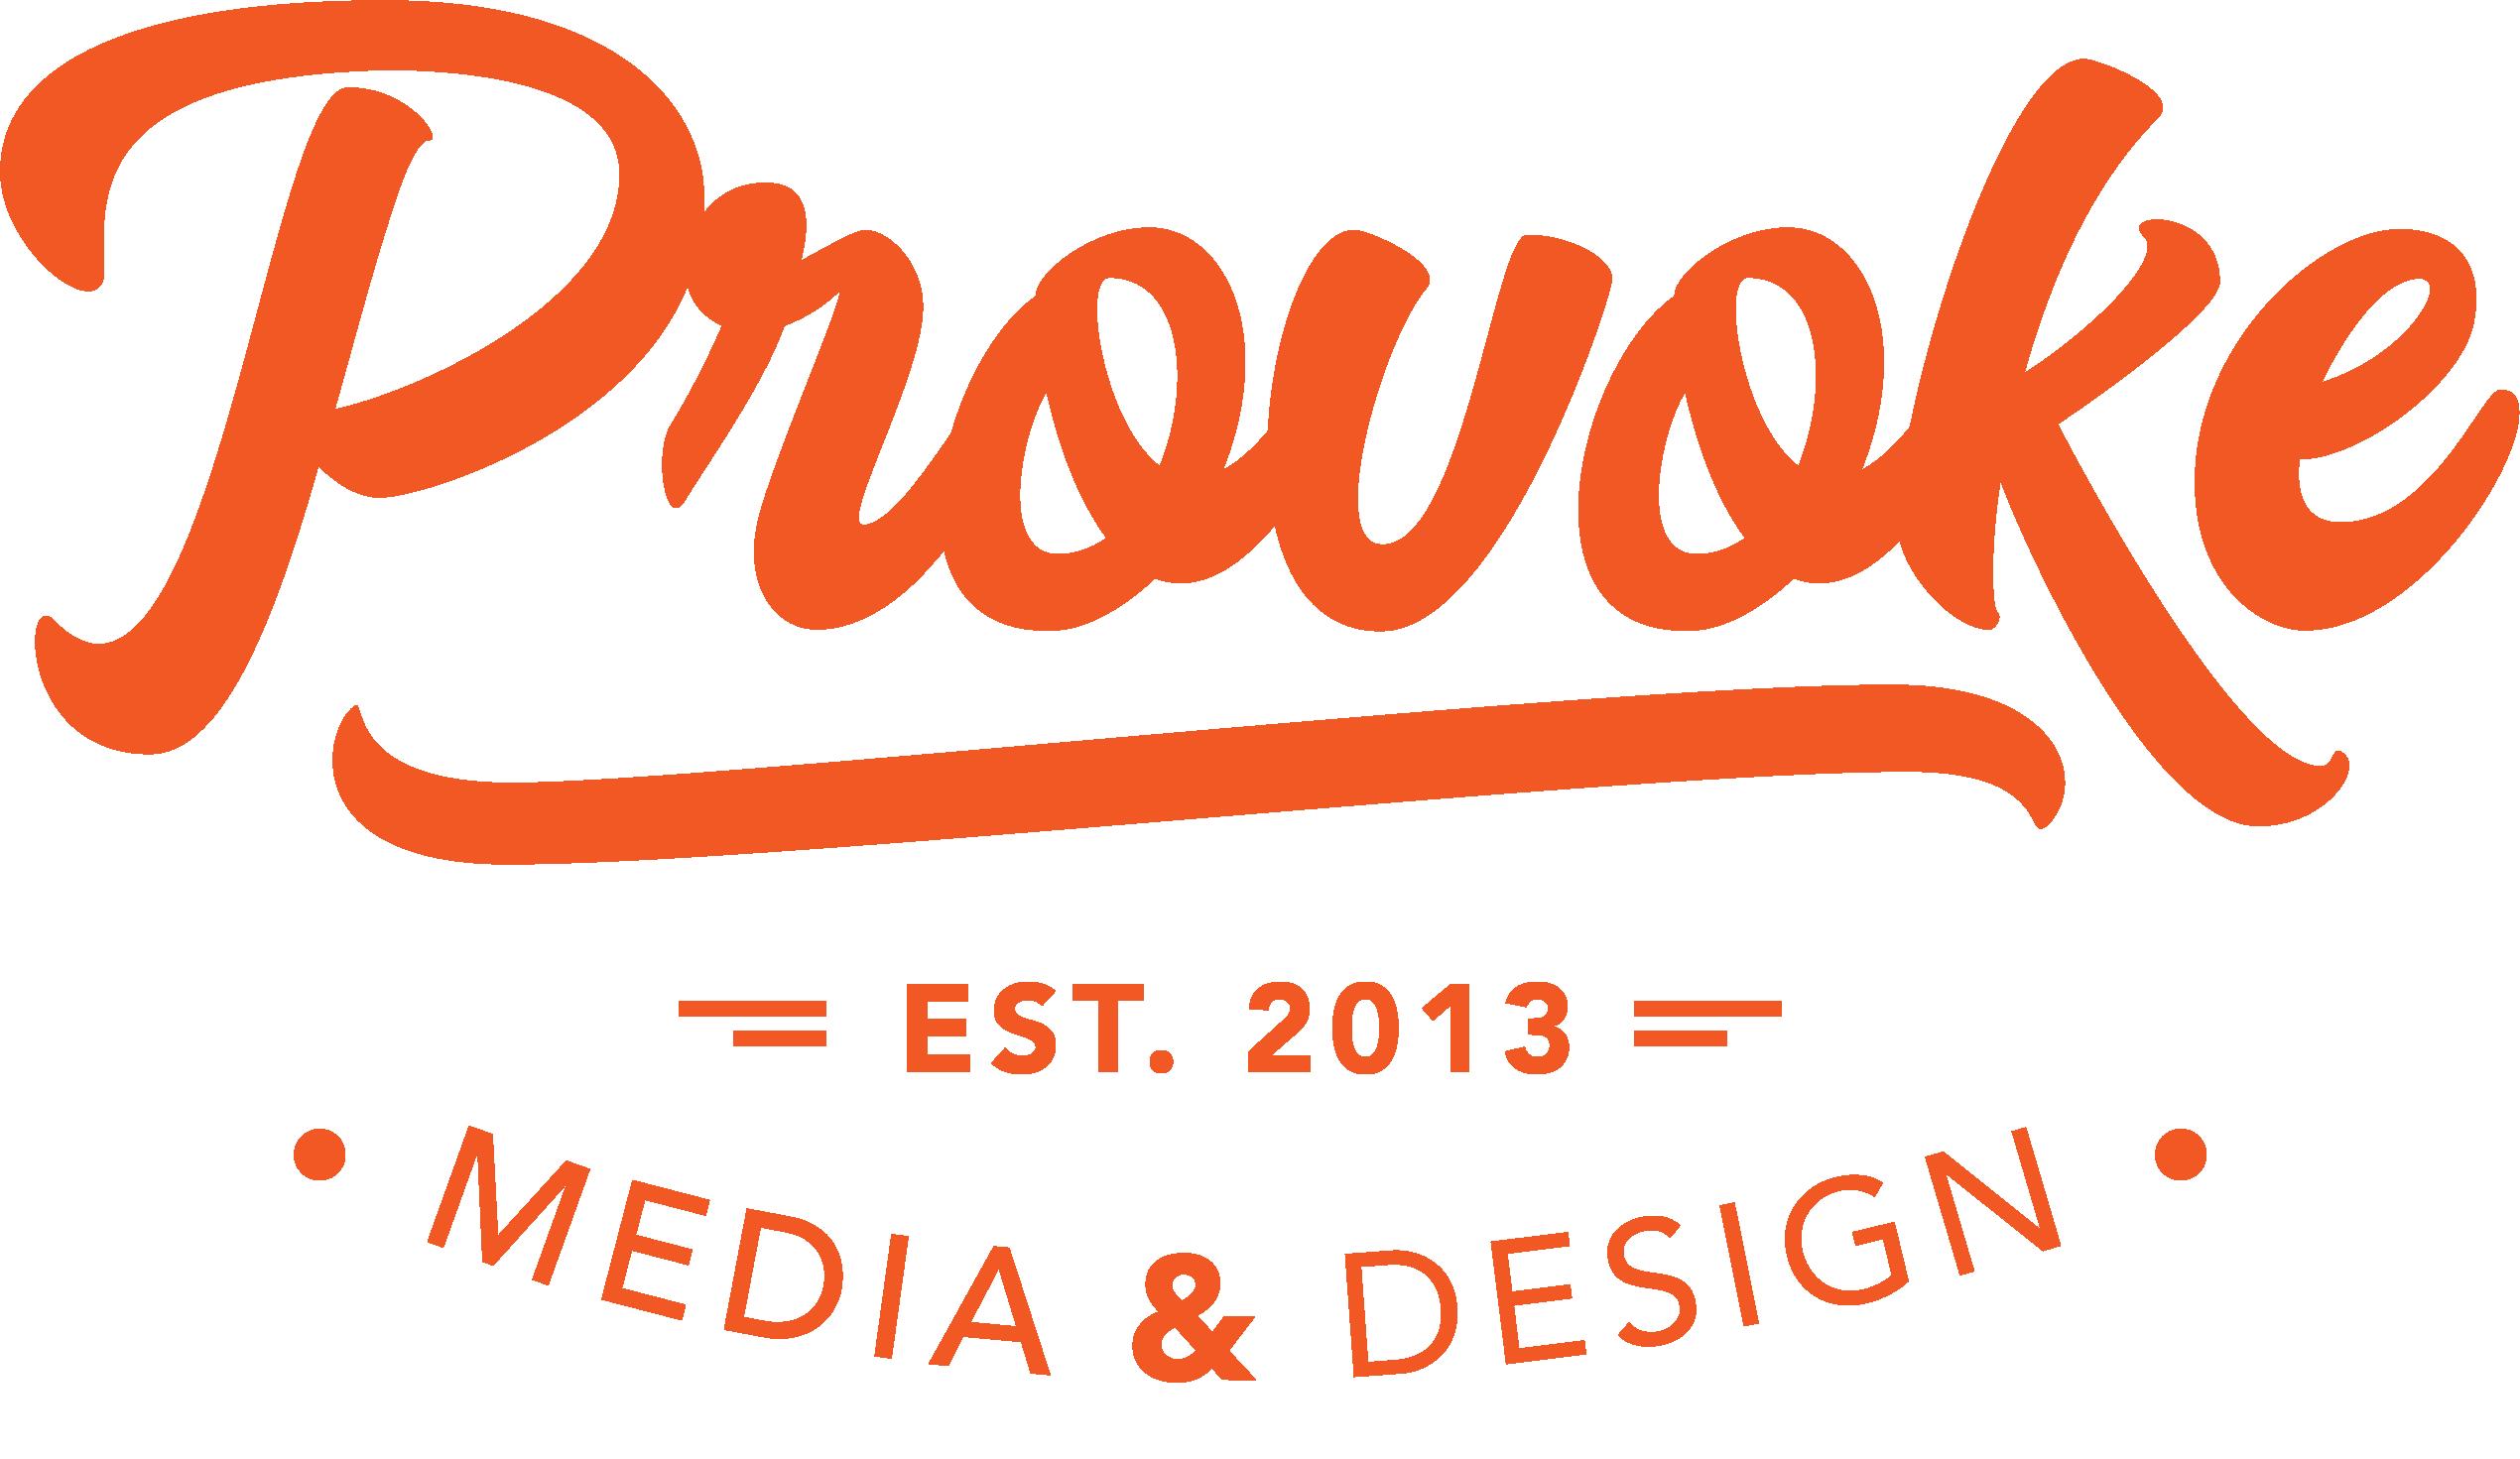 Provoke Media & Design